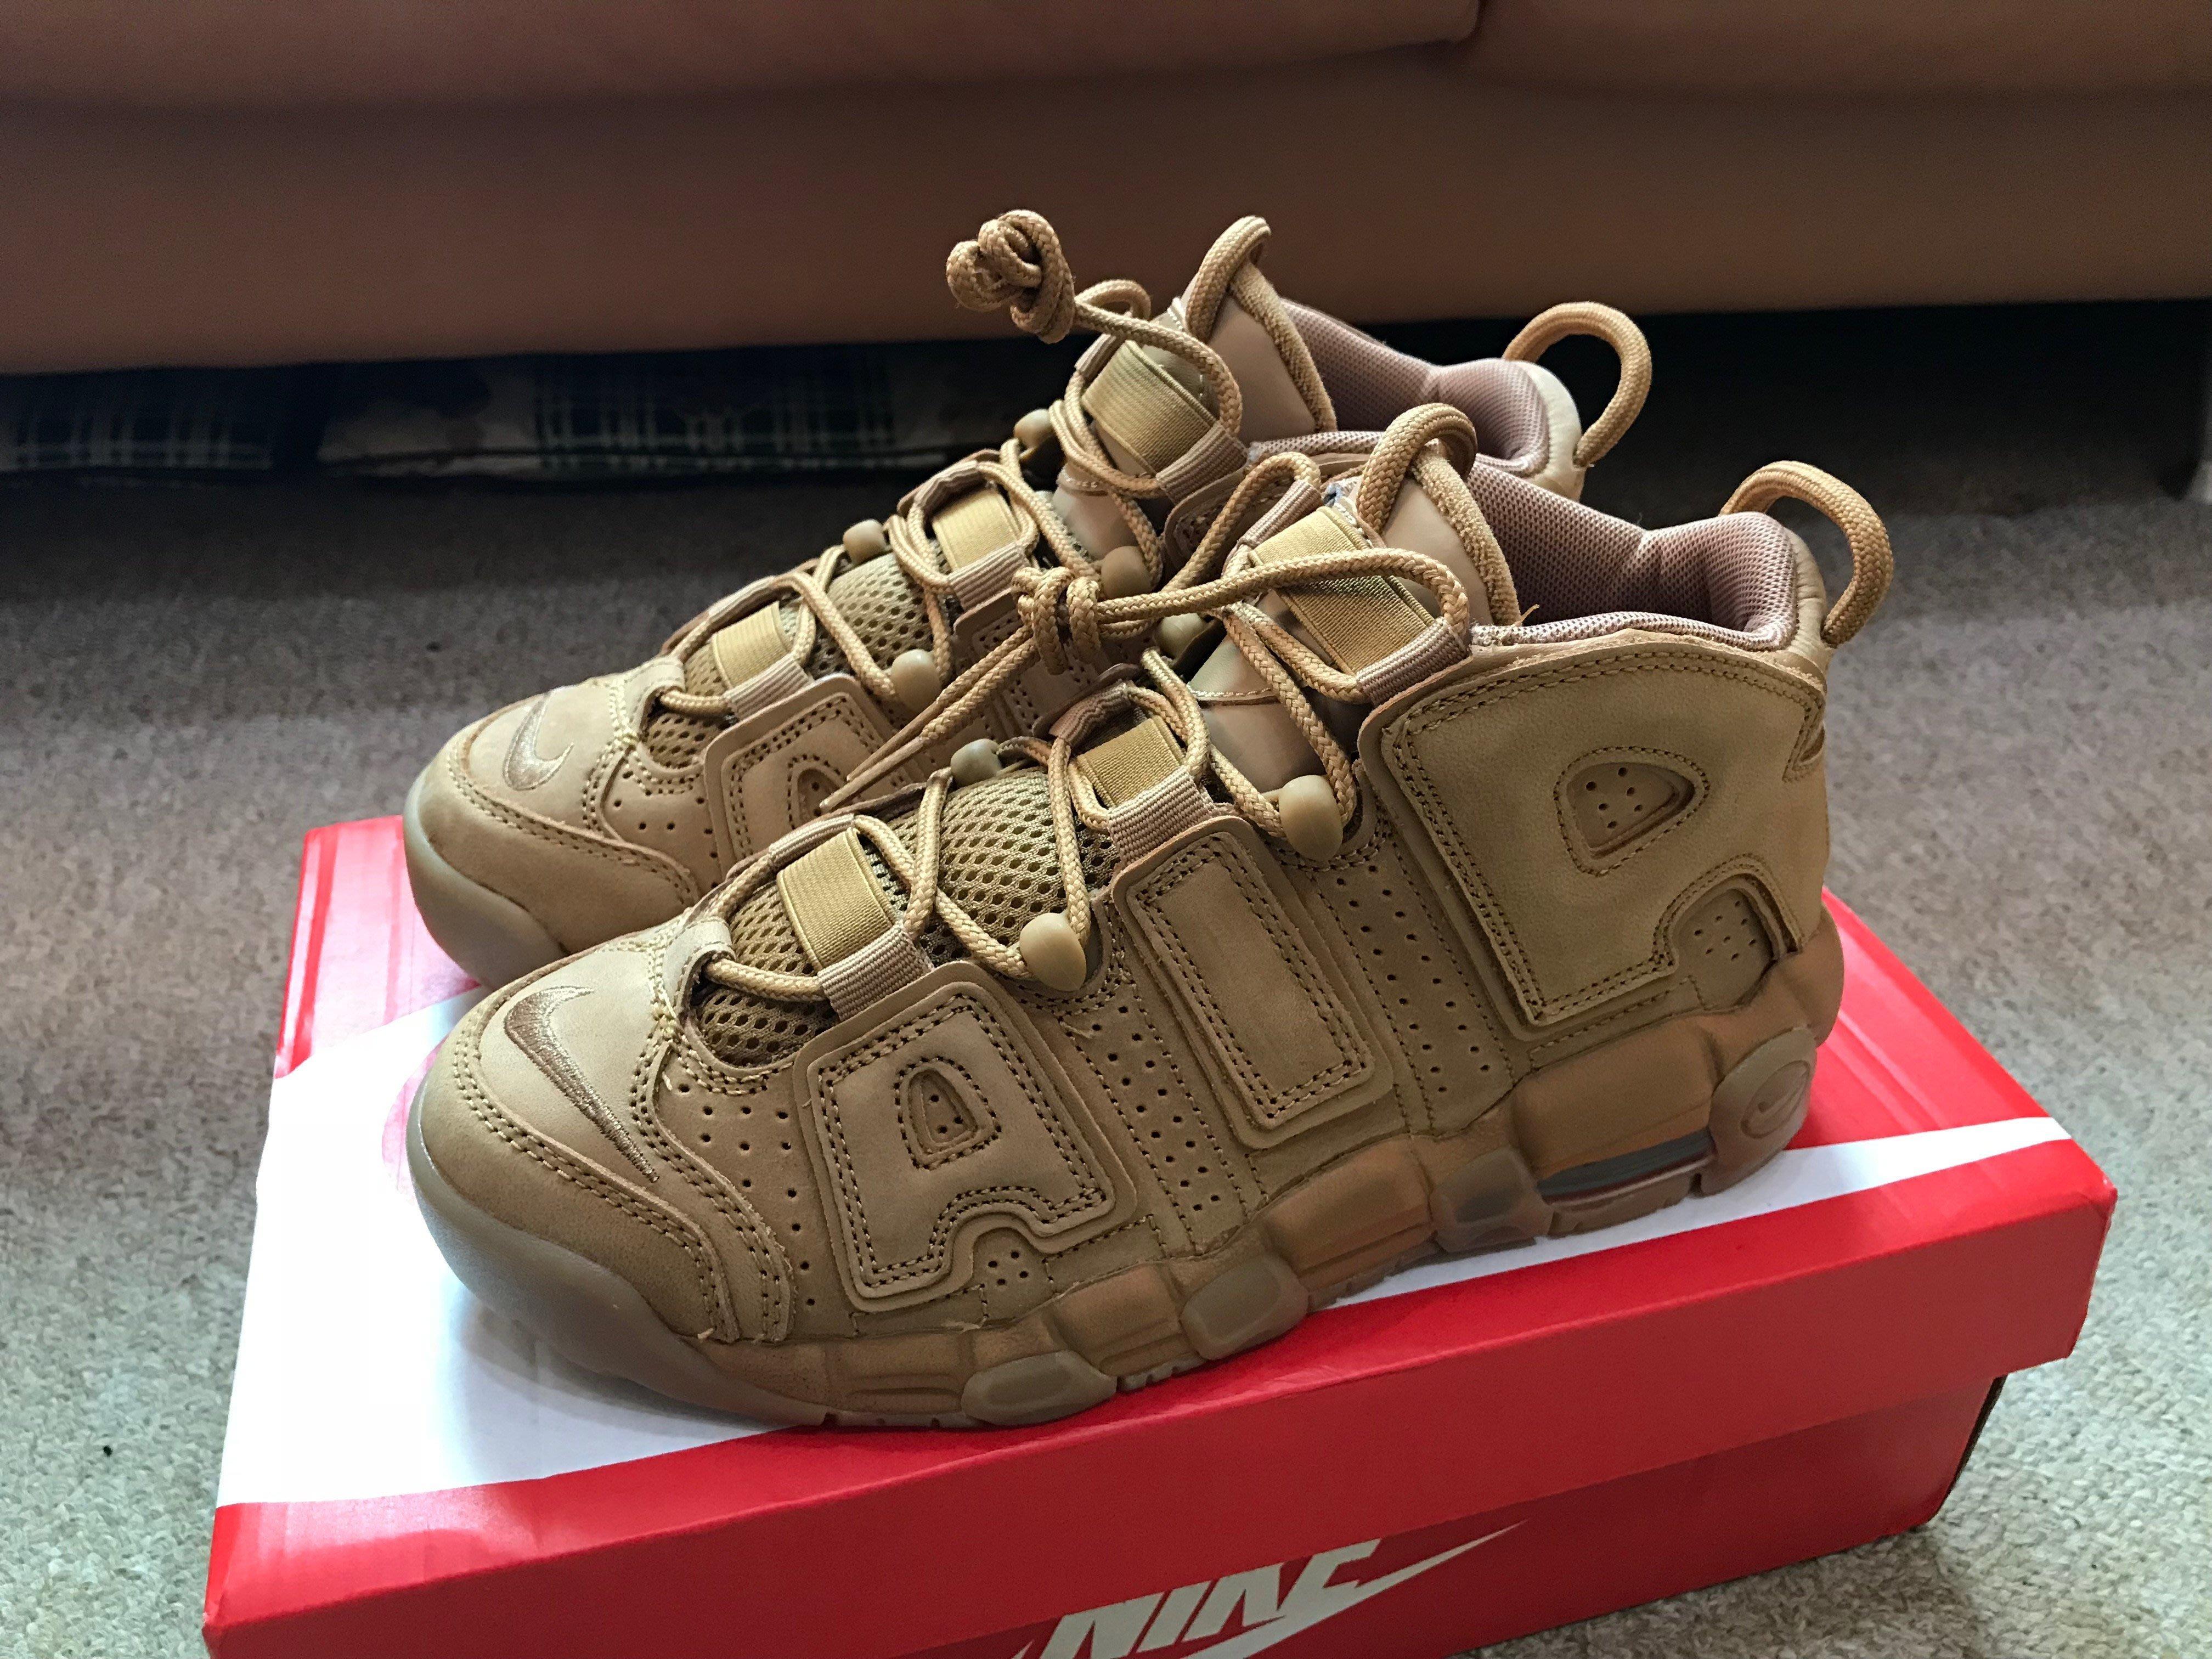 Nike Air More Uptempo SE Flax 咖啡 駝色 褐色 麂皮 大AIR 922845-200